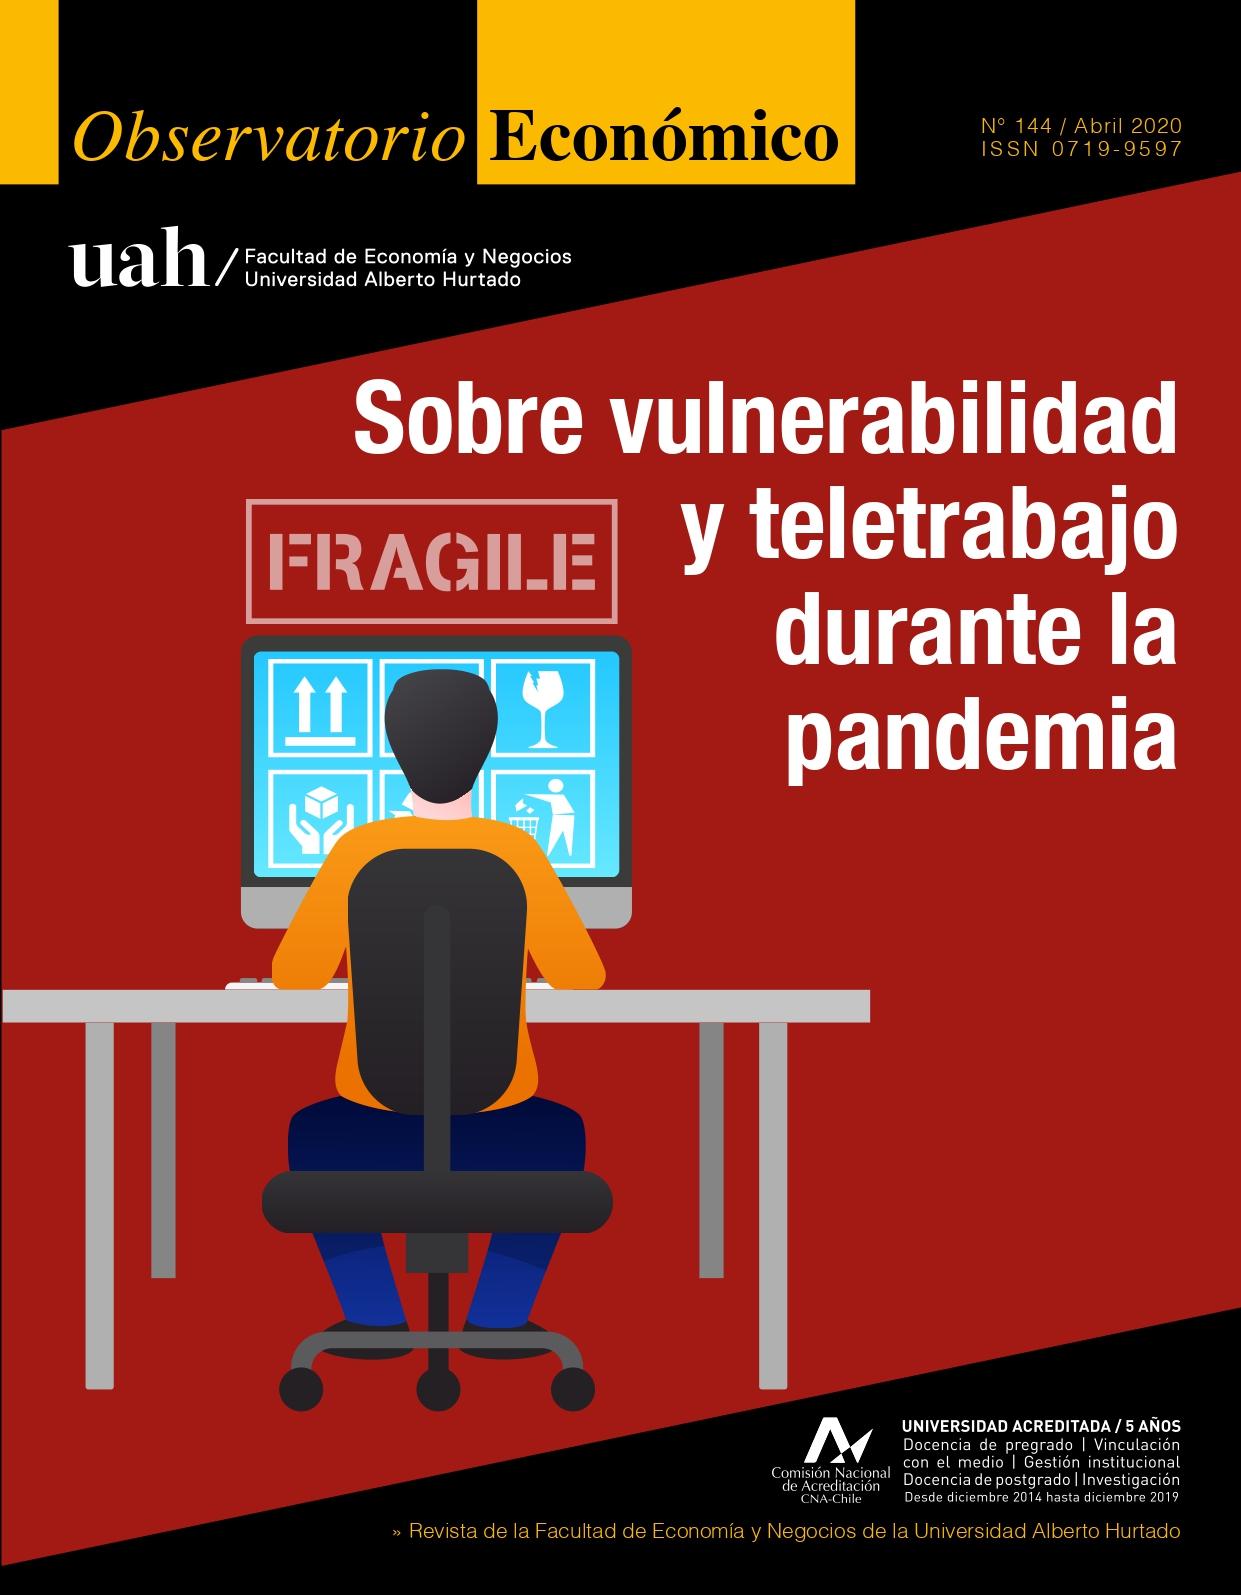 """Título del número: """"Sobre vulnerabilidad y teletrabajo durante la pandemia"""""""